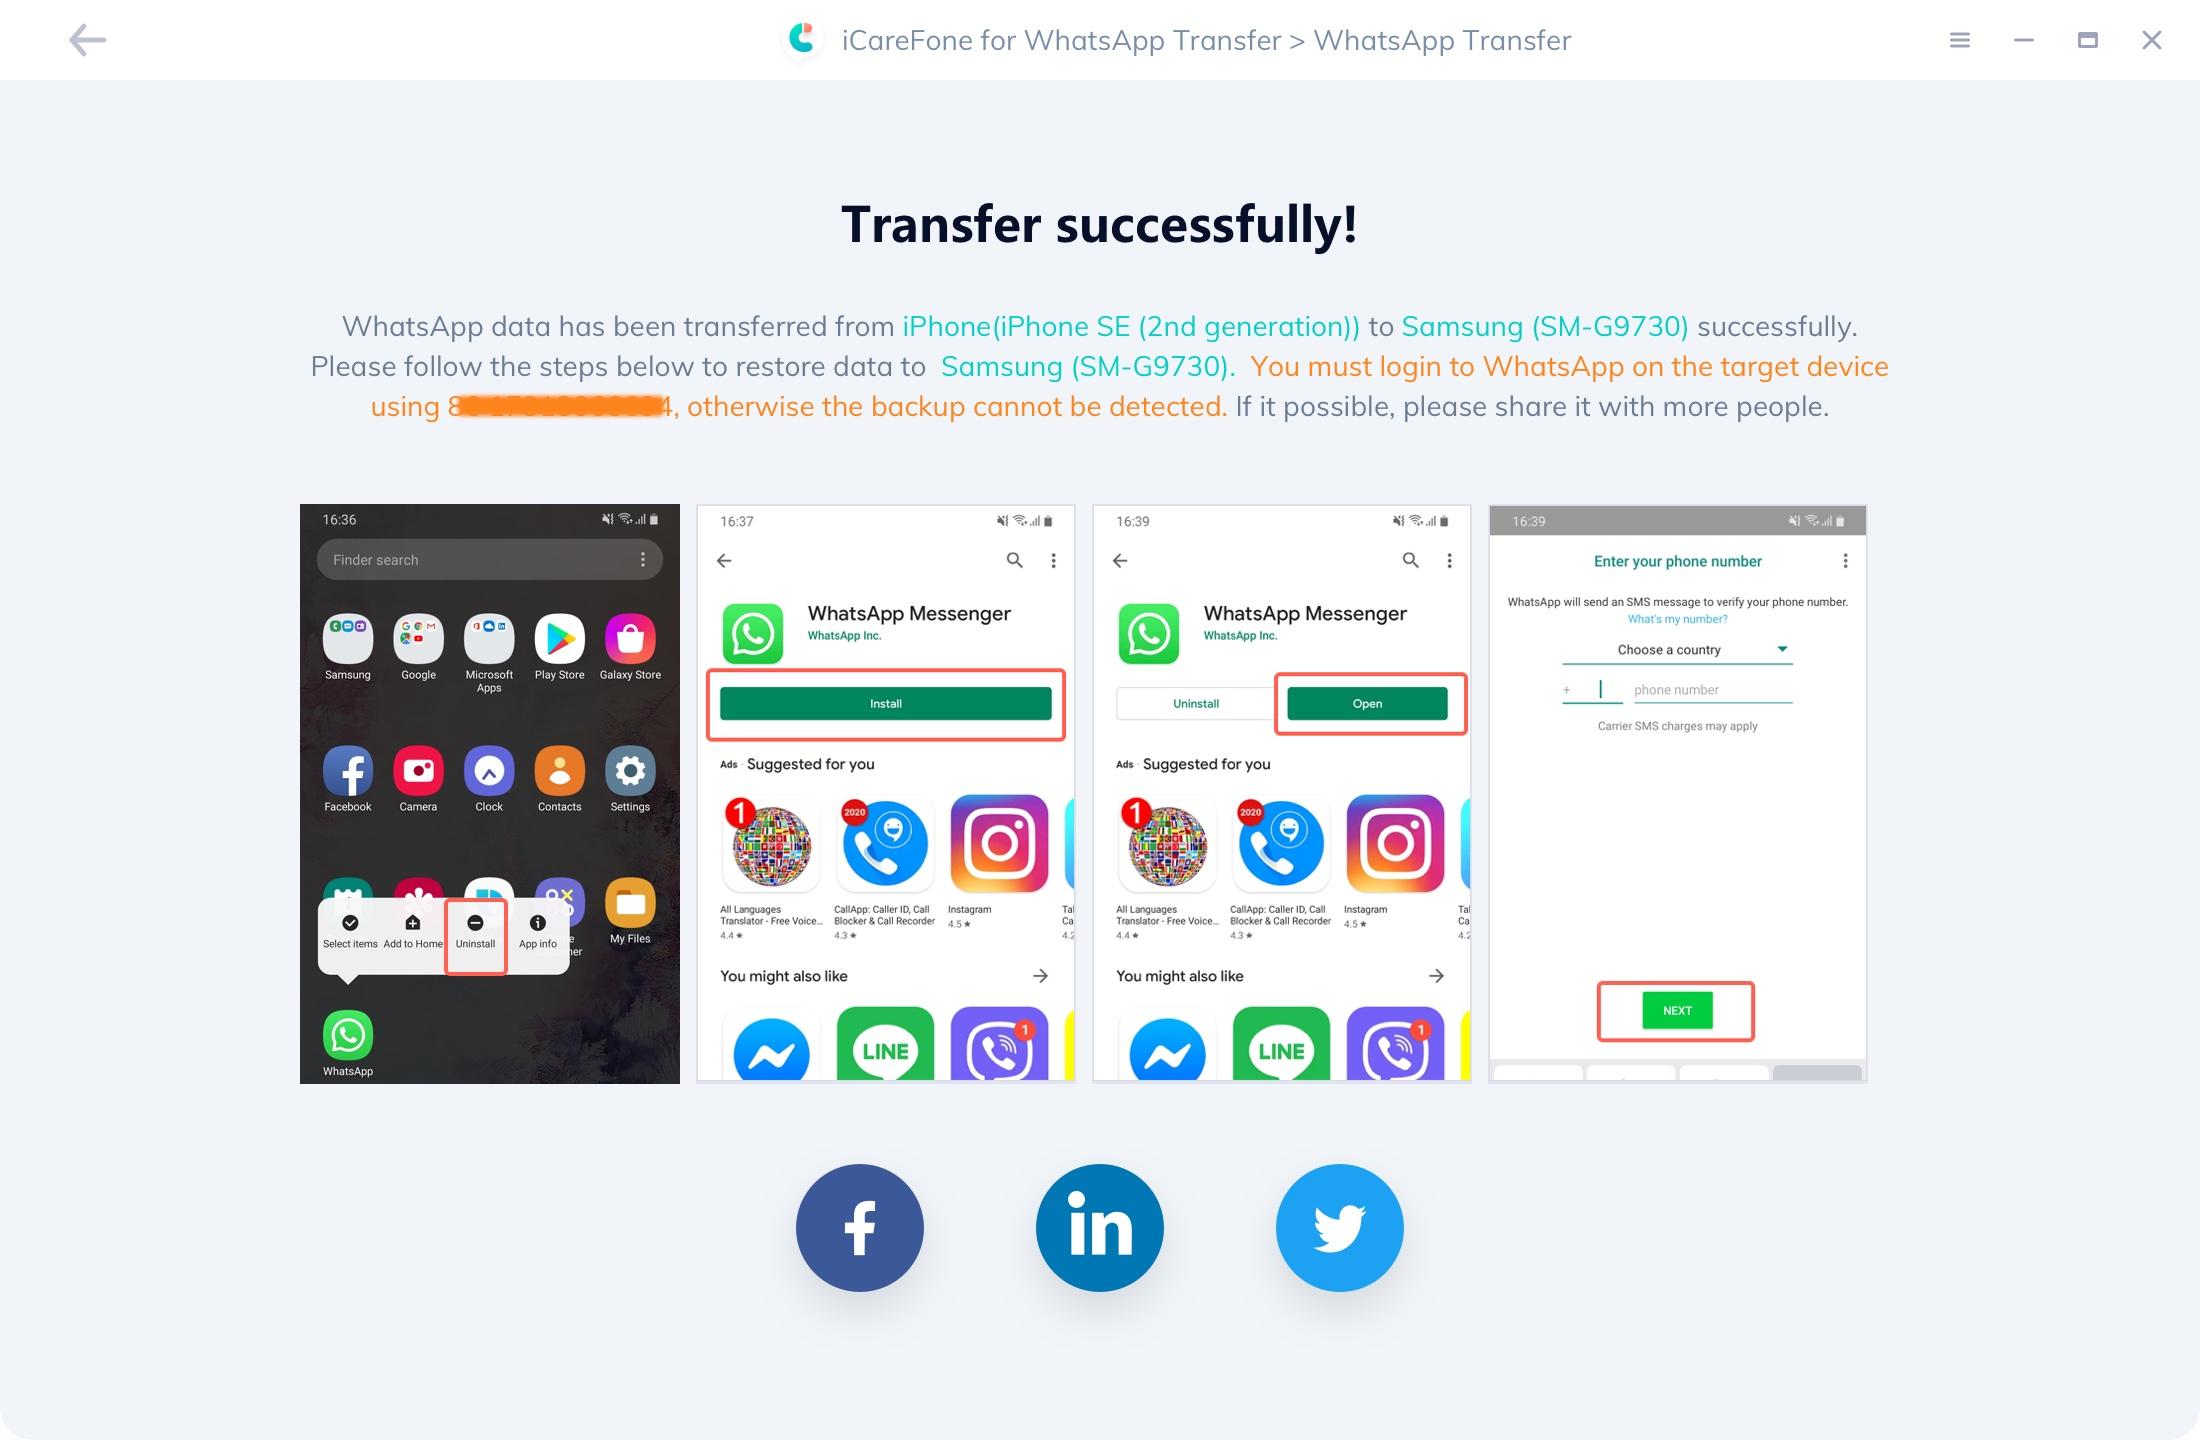 icarefone WhtasApp Transfer WhatsApp Nachrichten werden erfolgreich übertragen